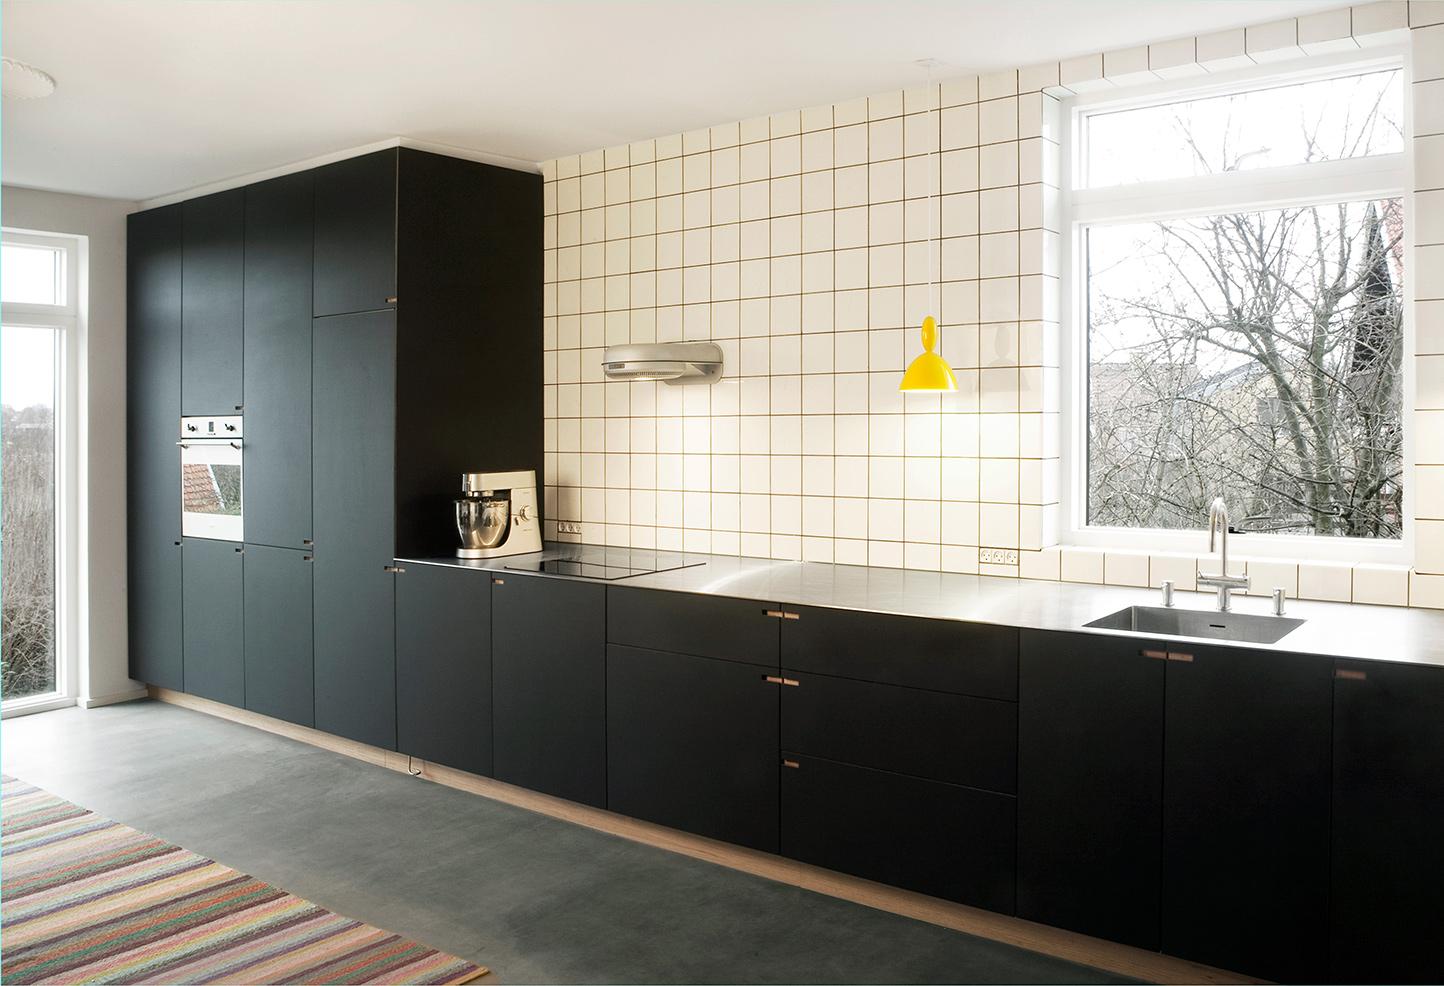 halløj sorte snedkerkøkken på Nebbegaardsbakken - designet og produceret af Nicolaj Bo™ - København